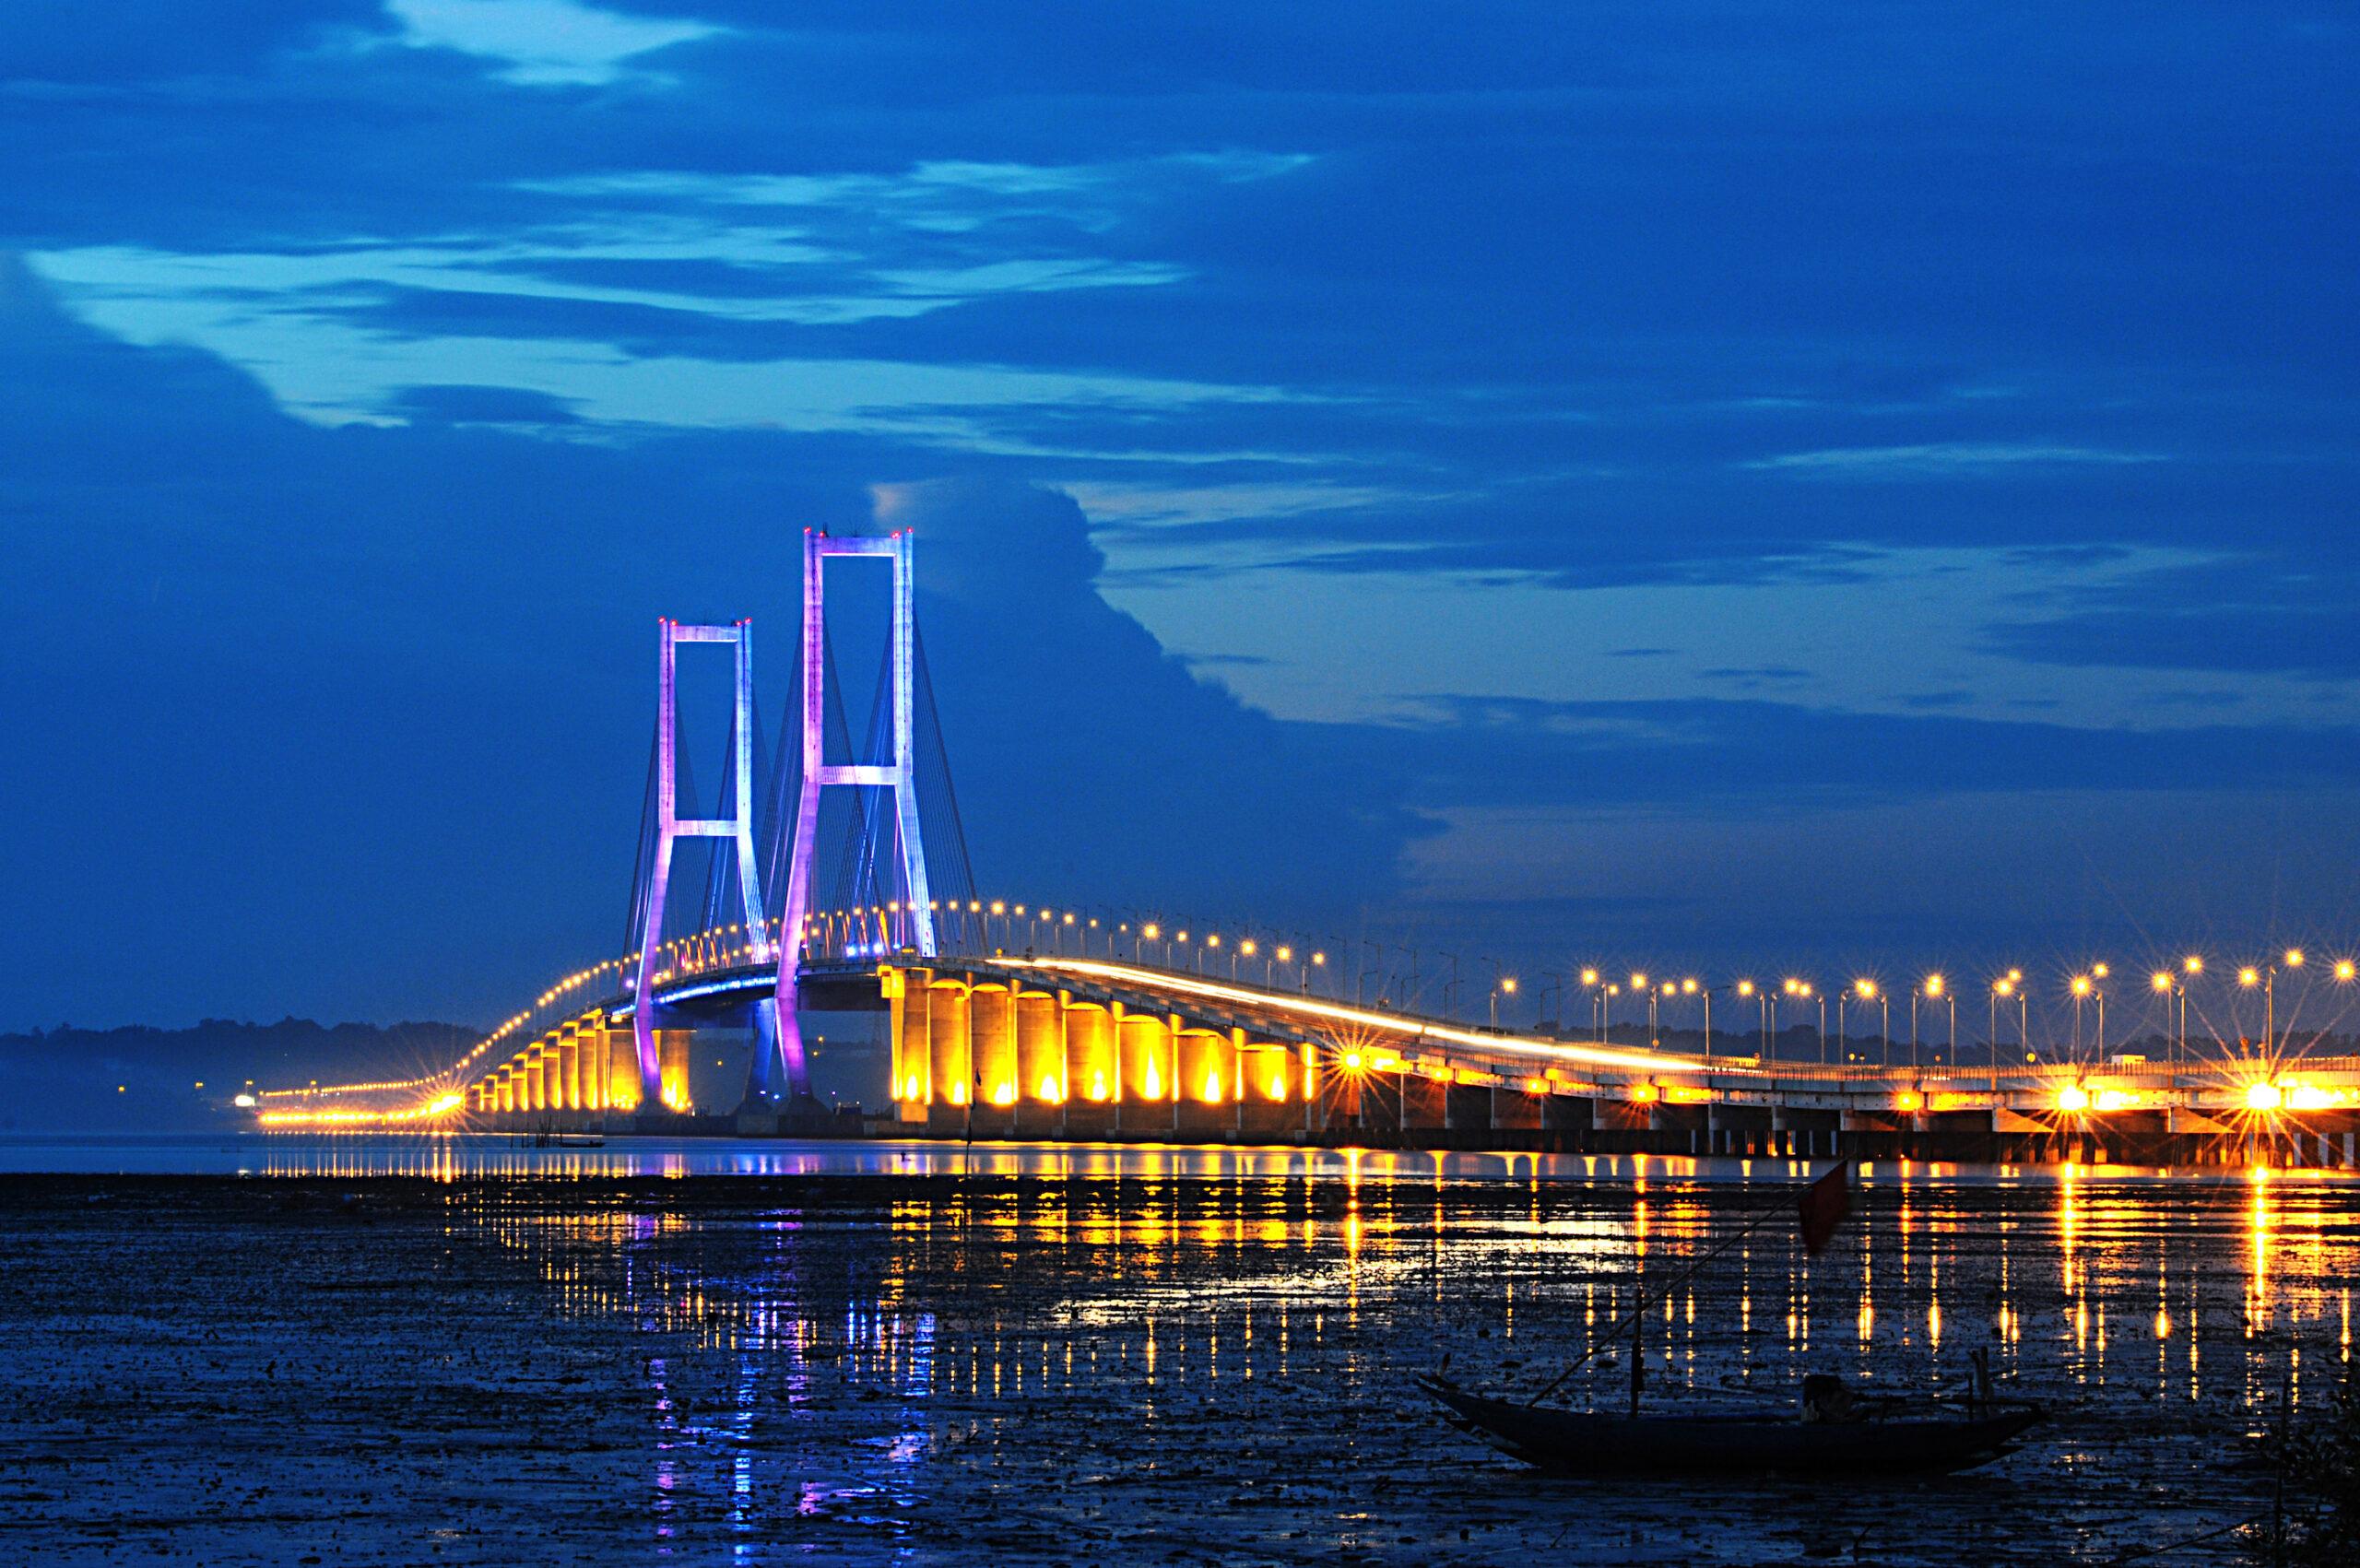 sarapan tradisional Bangkalan menjadi lebih mudah sejak adanya Jembatan Suramadu.